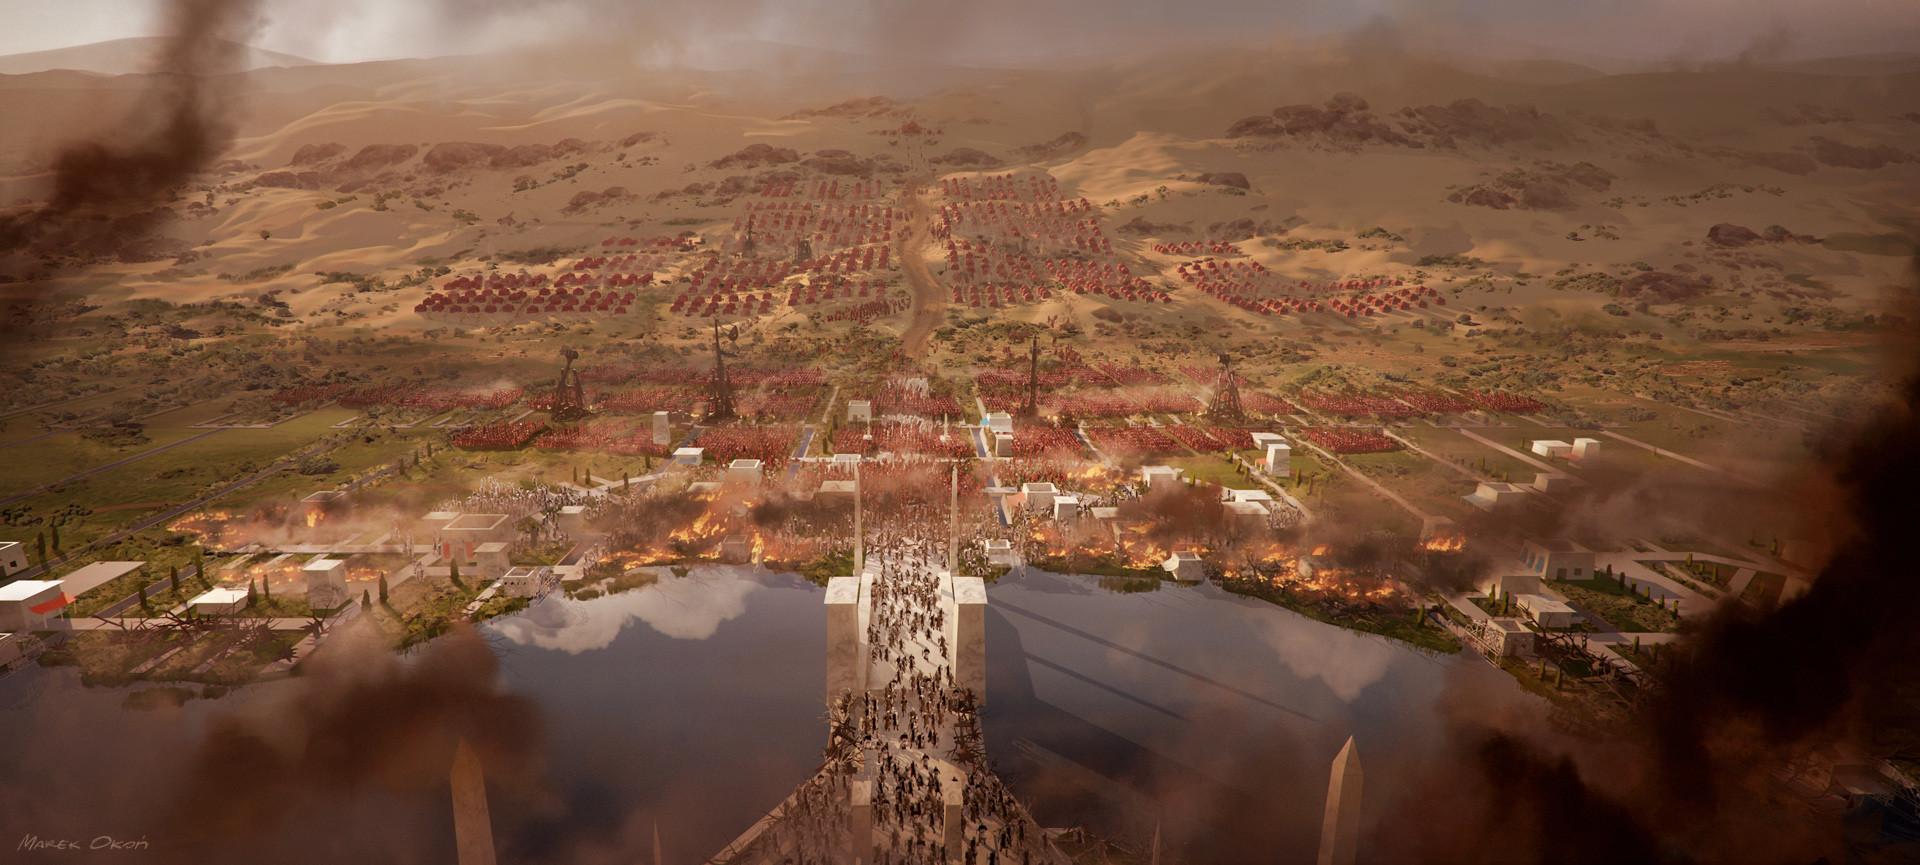 Marek okon stronghold battlefield 2 web